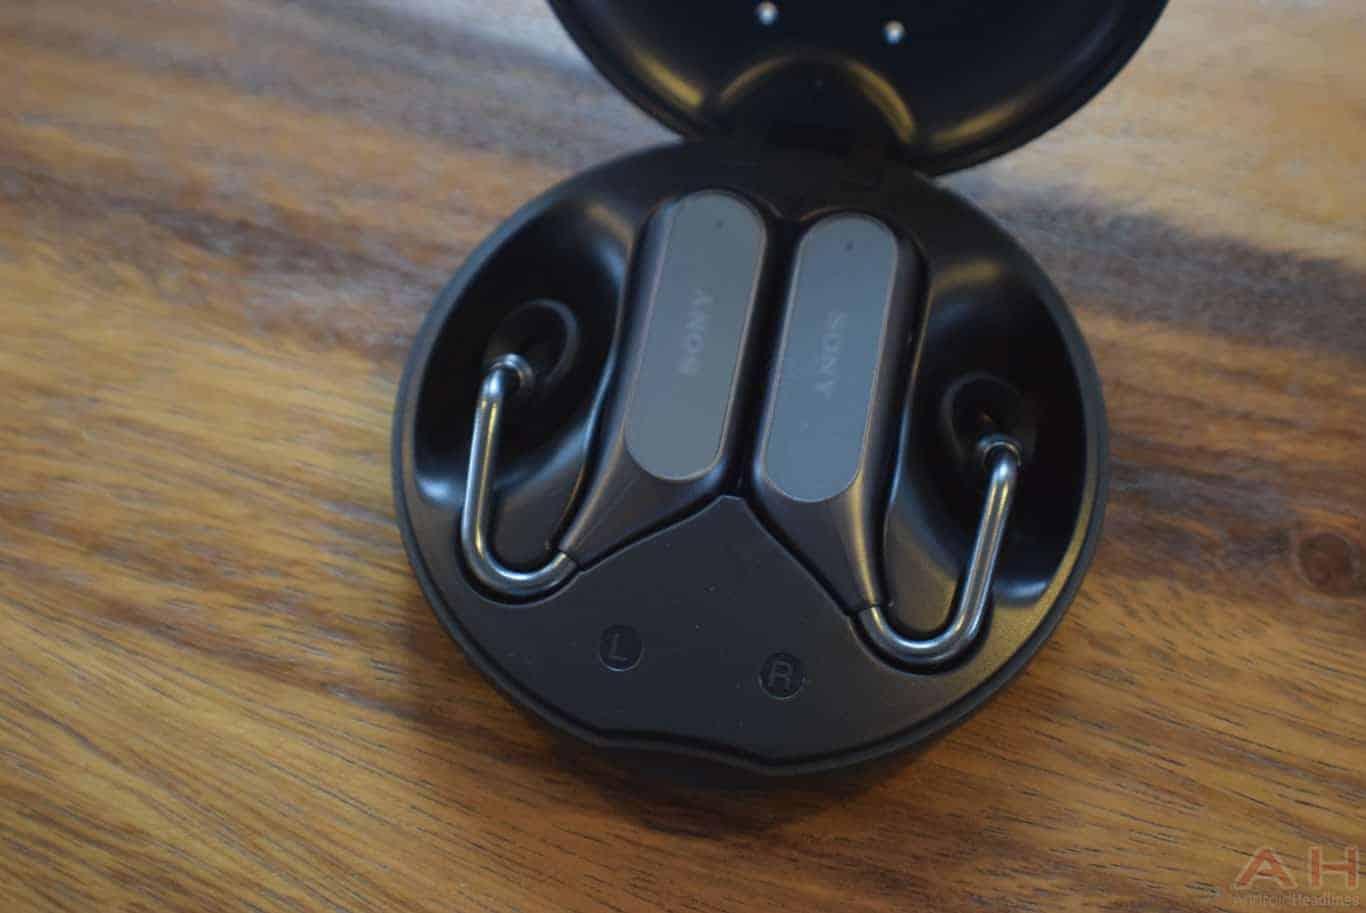 Sony Xperia Ear Duo MWC 18 AM AH 16